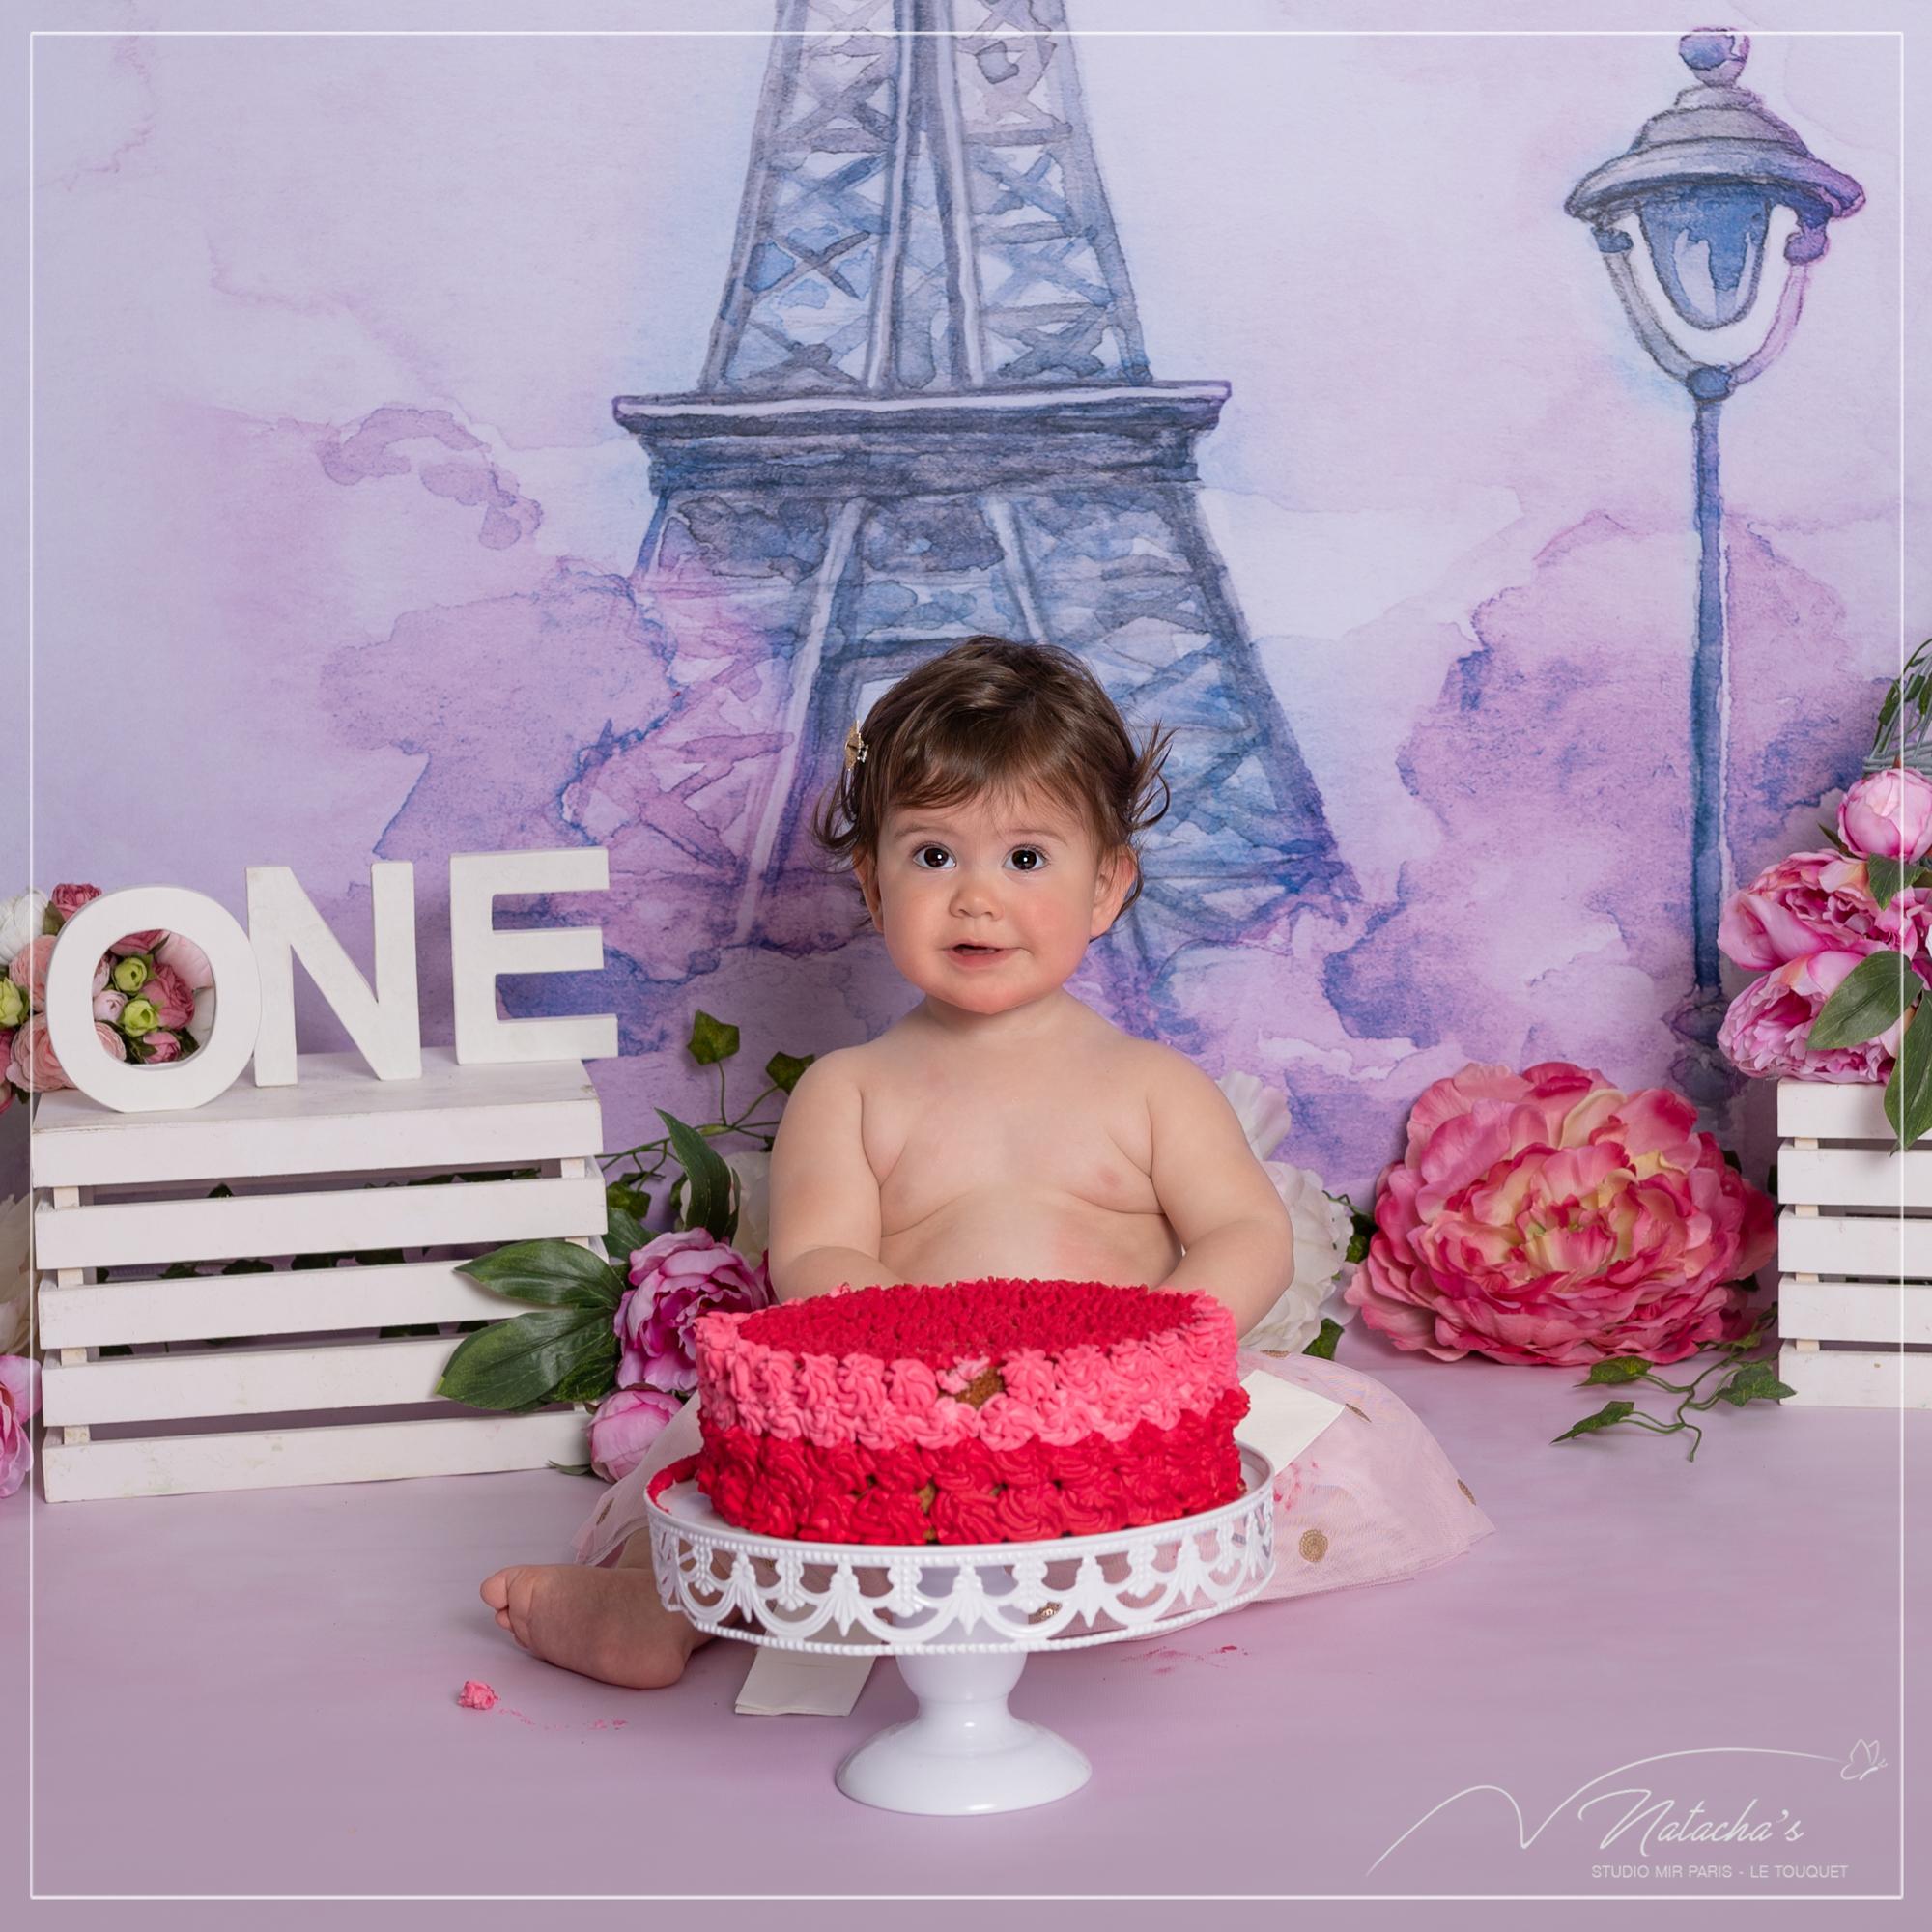 Photographe bébé : Smash the cake au thème Tour Eiffel près de Paris